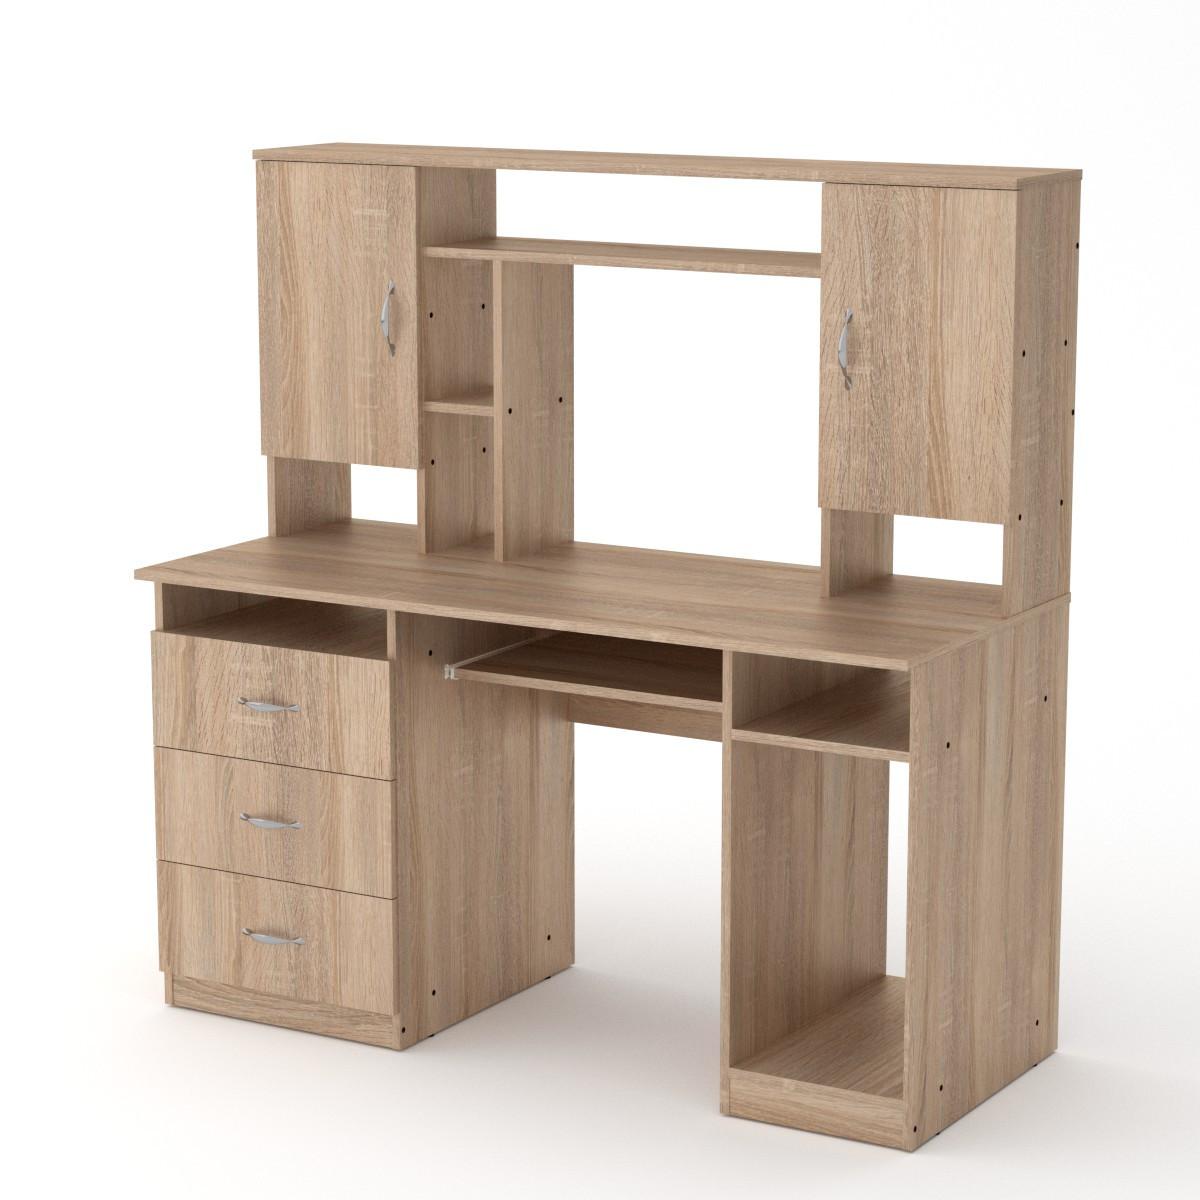 Стол компьютерный менеджер дуб сонома Компанит (140х60х142 см)